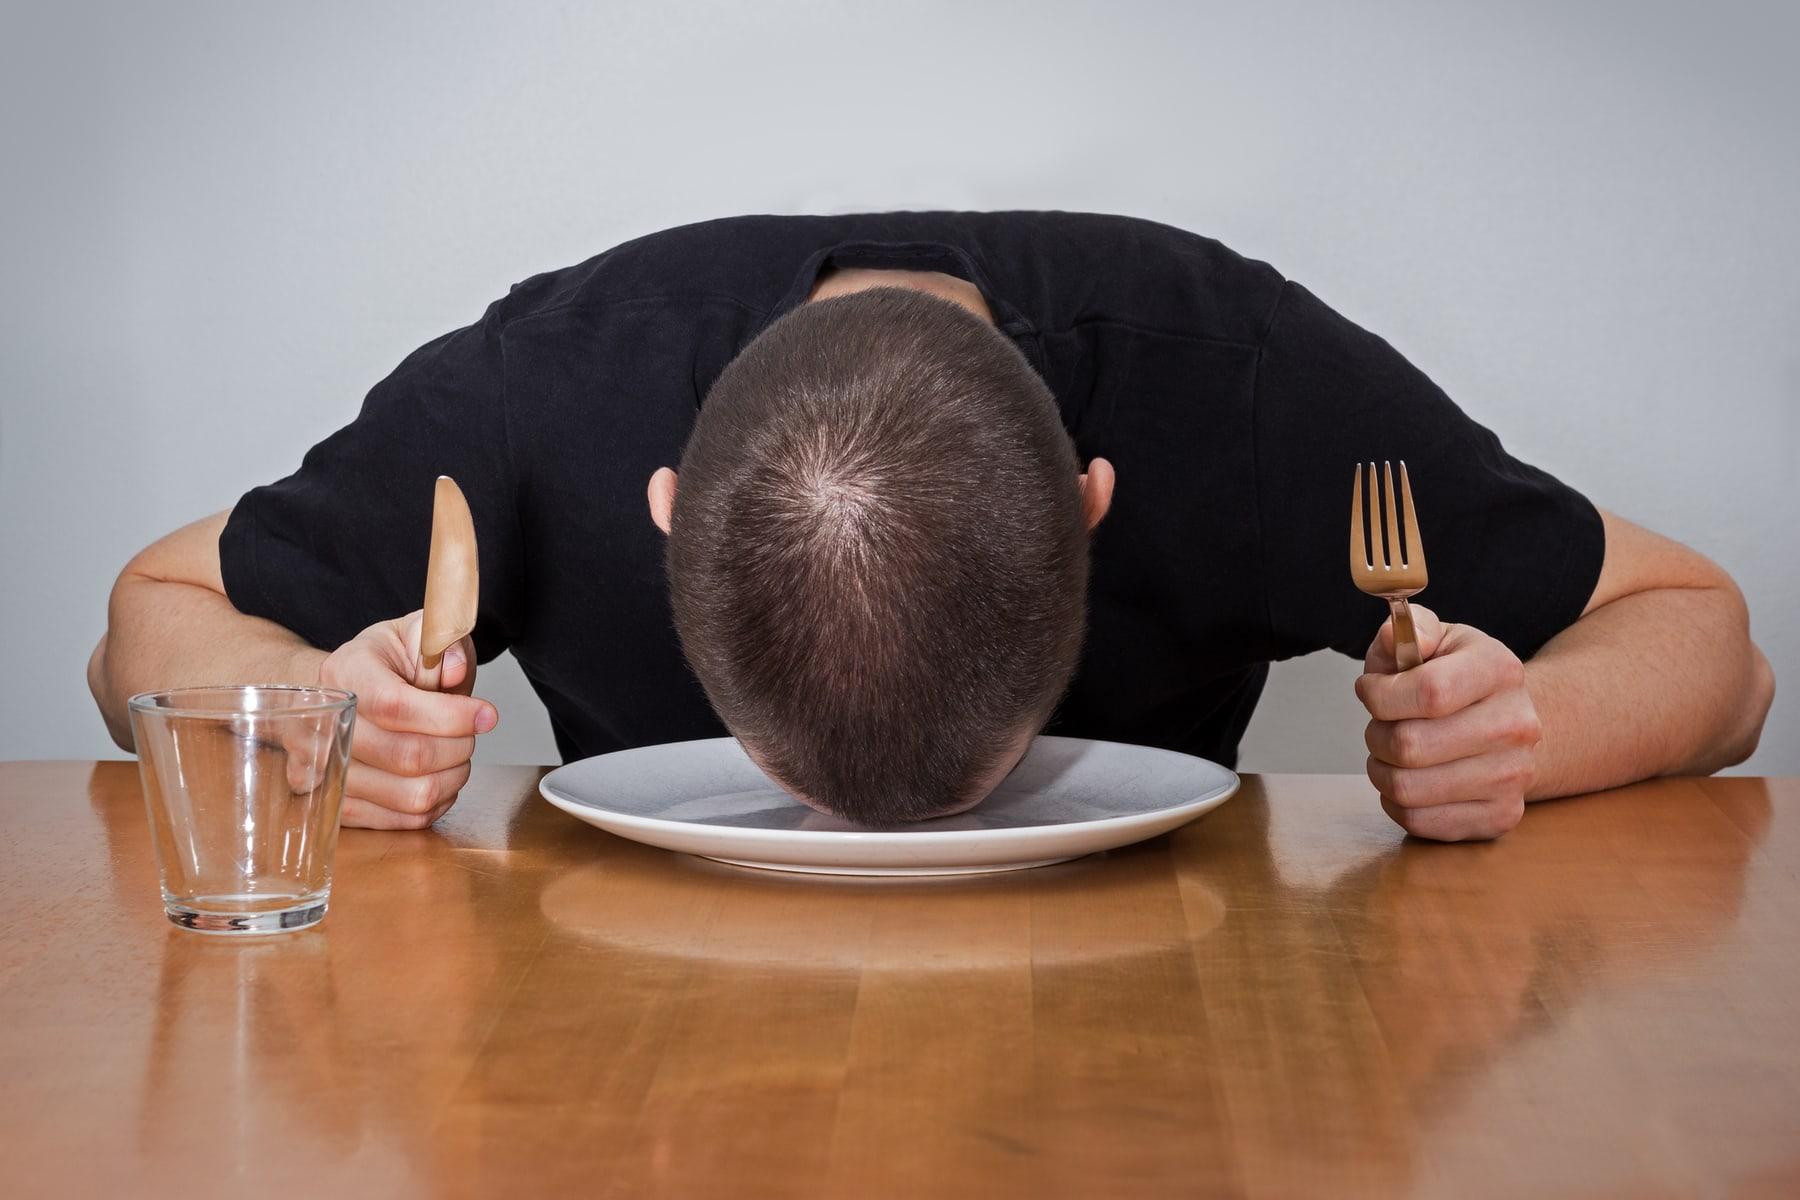 Хочу мужа на столе, Русская жена готова на все чтобы удовлетворить своего 27 фотография